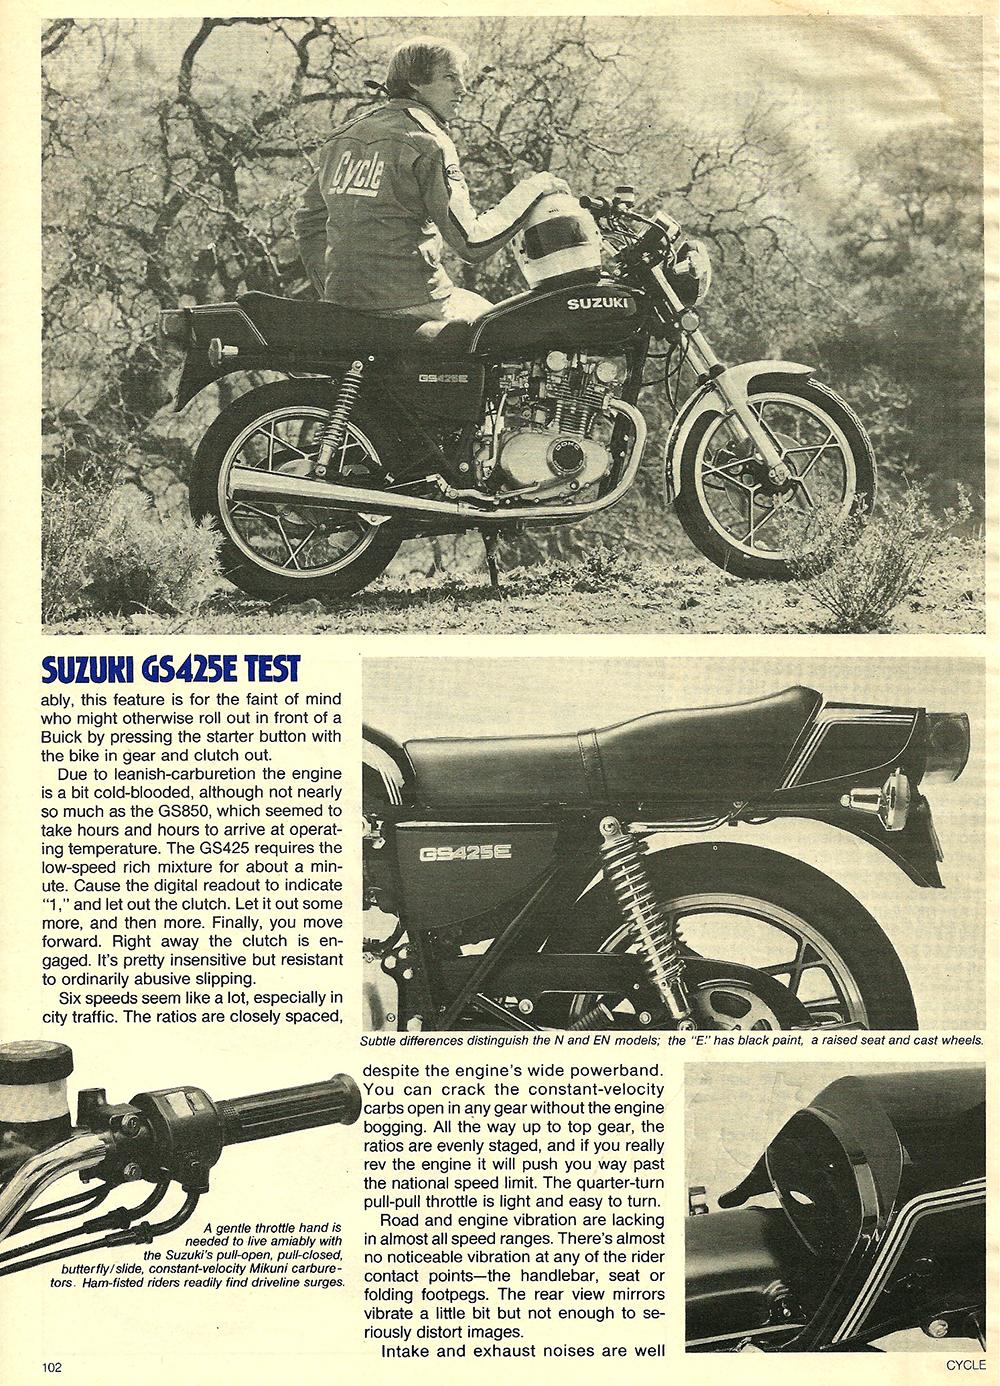 1979 Suzuki GS425E road test 05.jpg